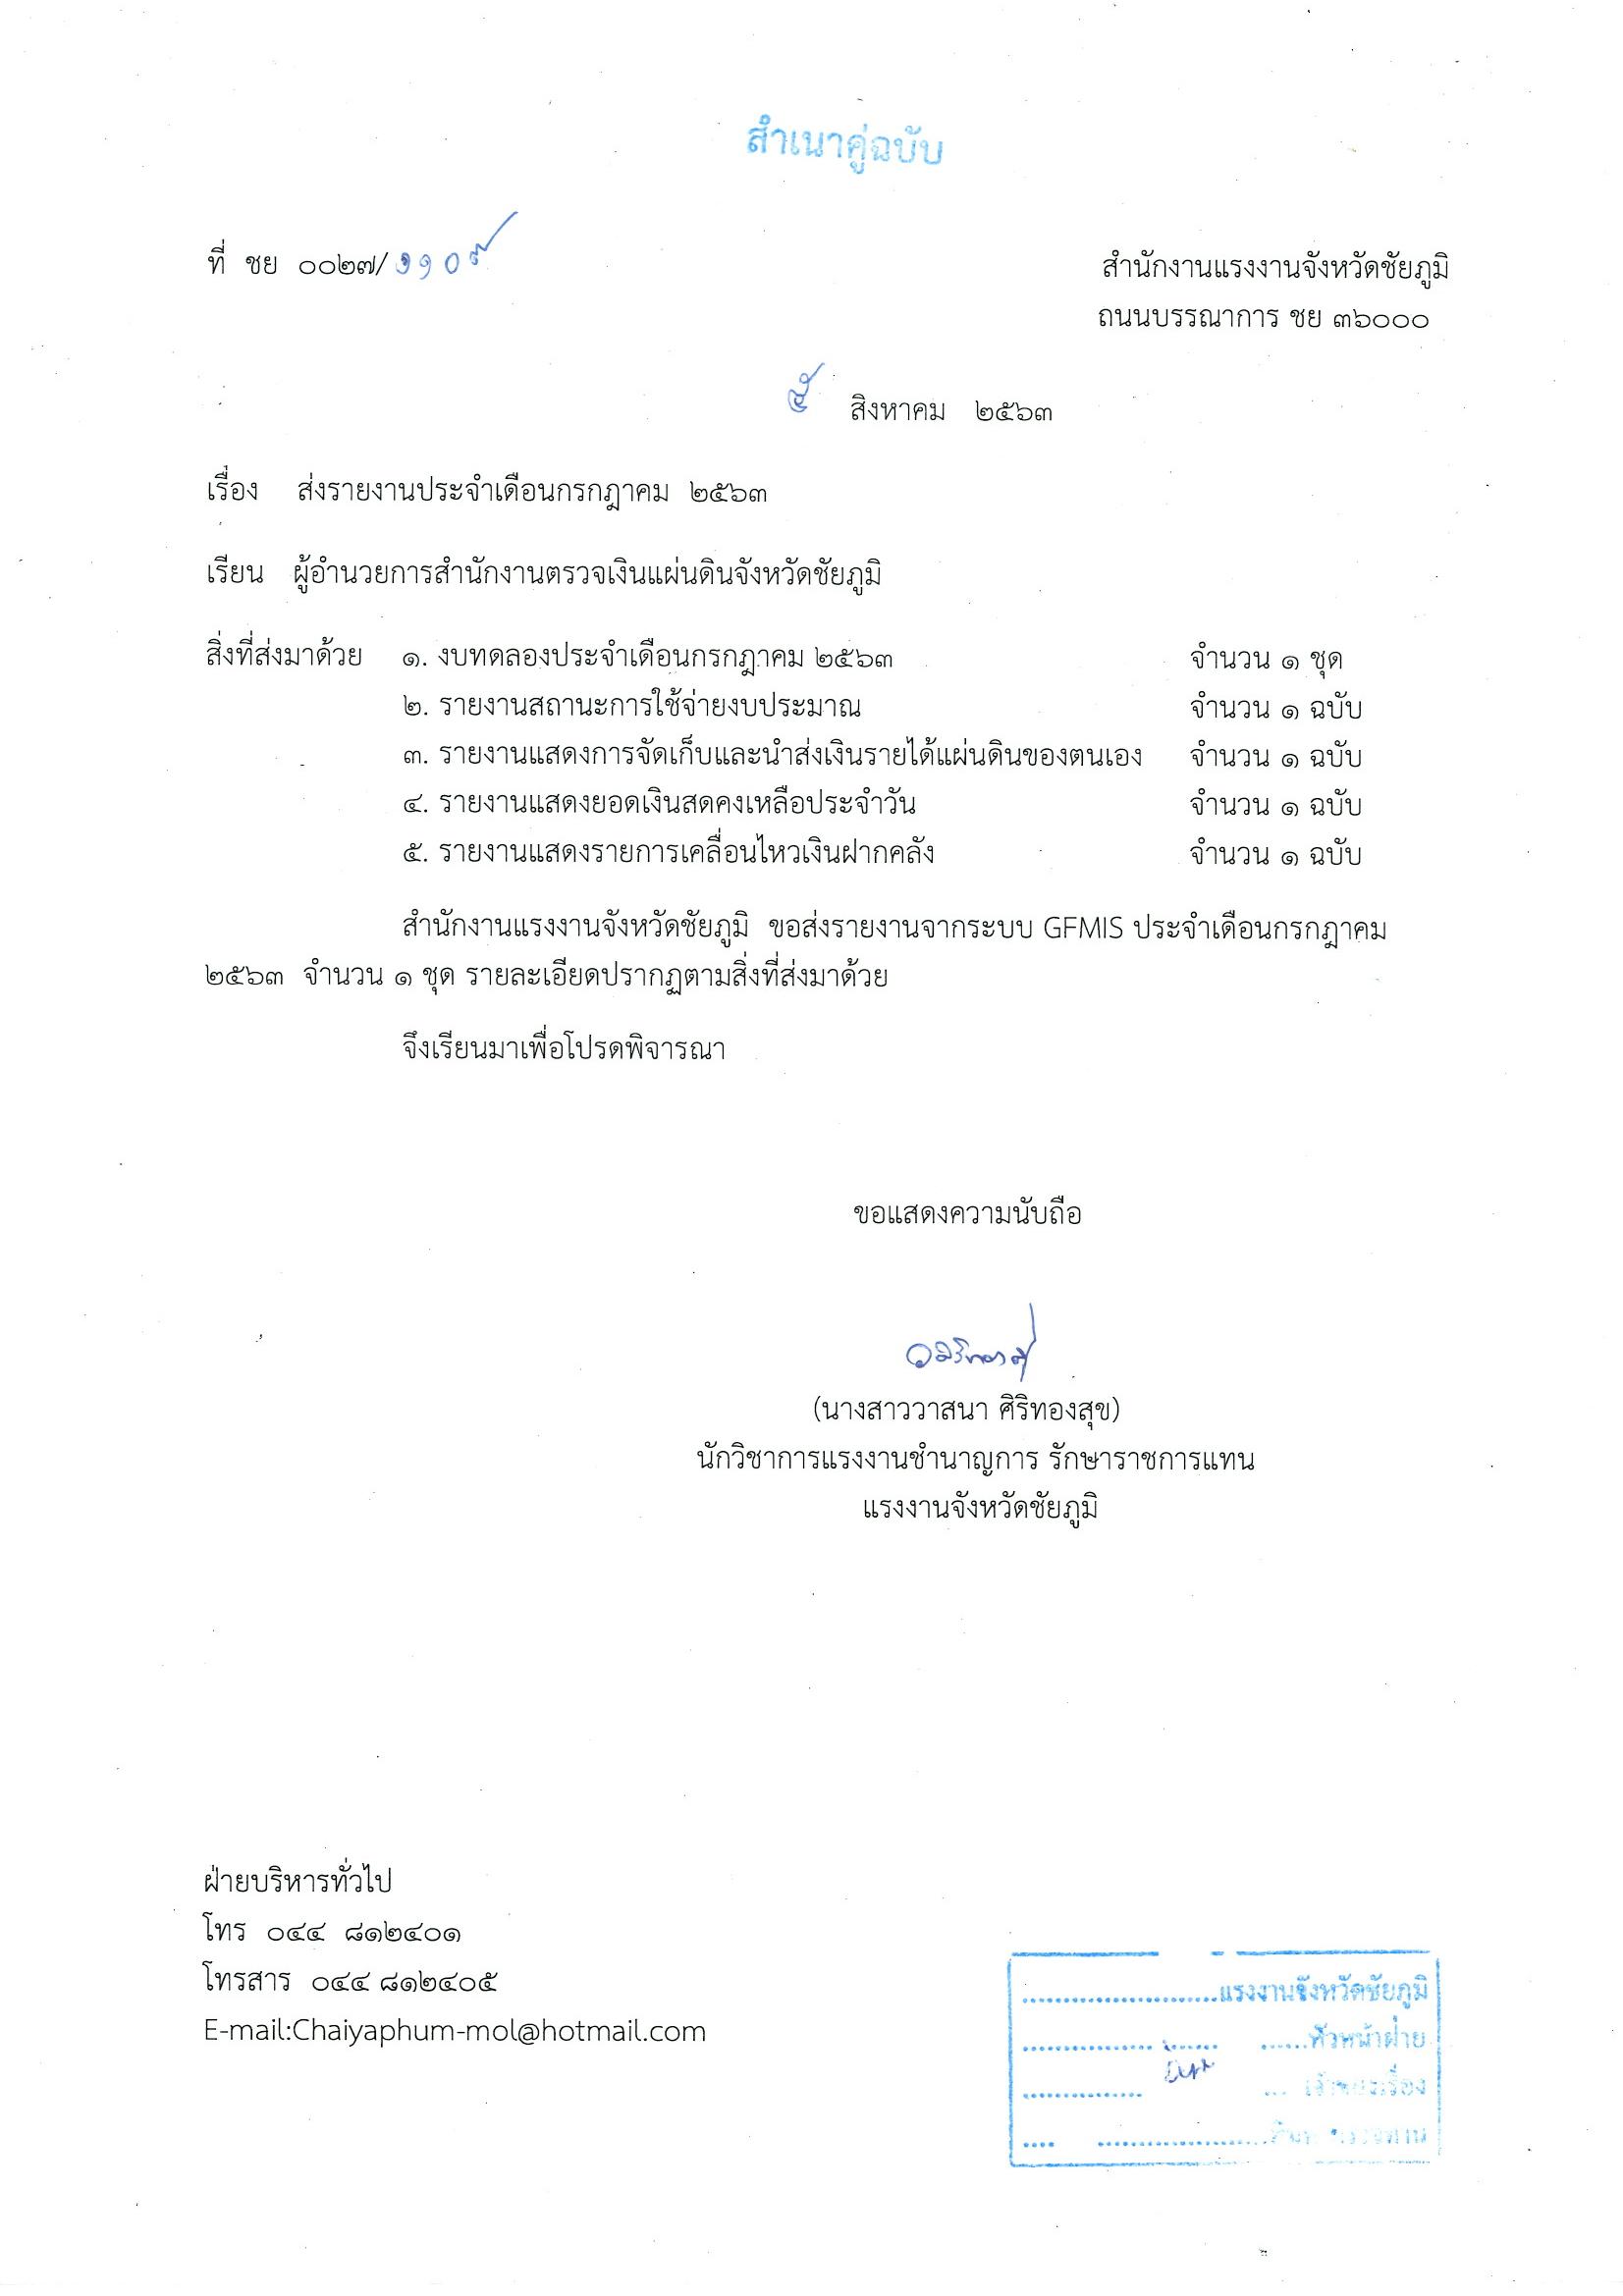 รายงานงบทดลองหน่วยเบิกจ่ายรายเดือน กรกฎาคม 2563